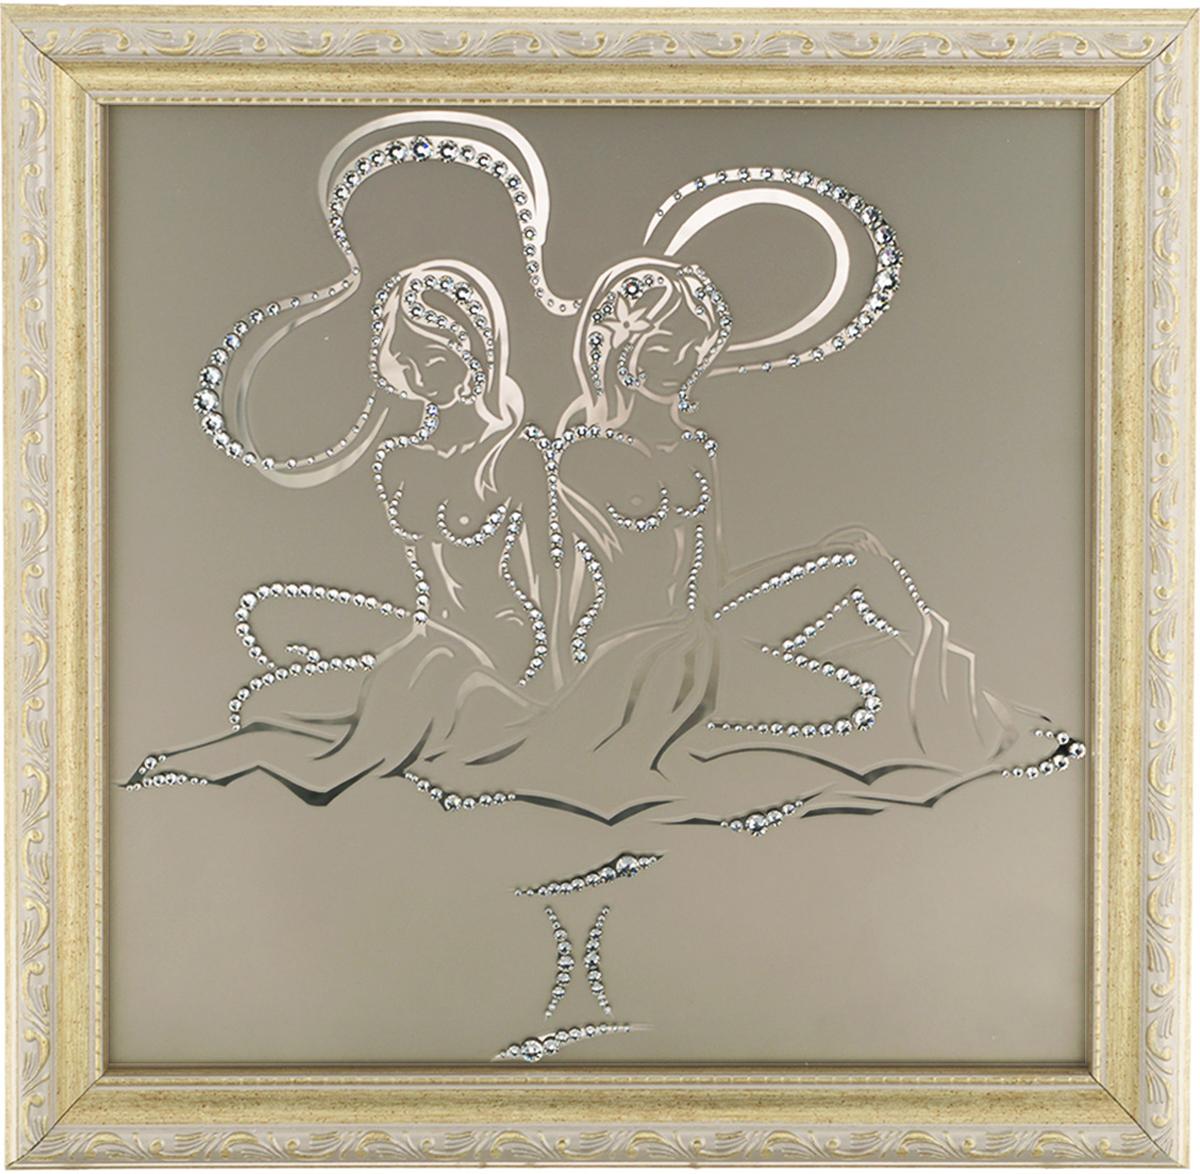 Картина с кристаллами Swarovski Знак зодиака. Близнецы, 35 см х 35 см1128Изящная картина в багетной раме, инкрустирована кристаллами Swarovski в виде знака зодиака - Близнецы на матовом стекле золотистого цвета. Кристаллы Swarovski отличаются четкой и ровной огранкой, ярким блеском и чистотой цвета. С обратной стороны имеется металлическая проволока для размещения картины на стене.Картина с кристаллами Swarovski Знак зодиака. Близнецы элегантно украсит интерьер дома или офиса, а также станет прекрасным подарком, который обязательно понравится получателю. Блеск кристаллов в интерьере, что может быть сказочнее и удивительнее.Картина упакована в подарочную картонную коробку синего цвета и комплектуется сертификатом соответствия Swarovski.